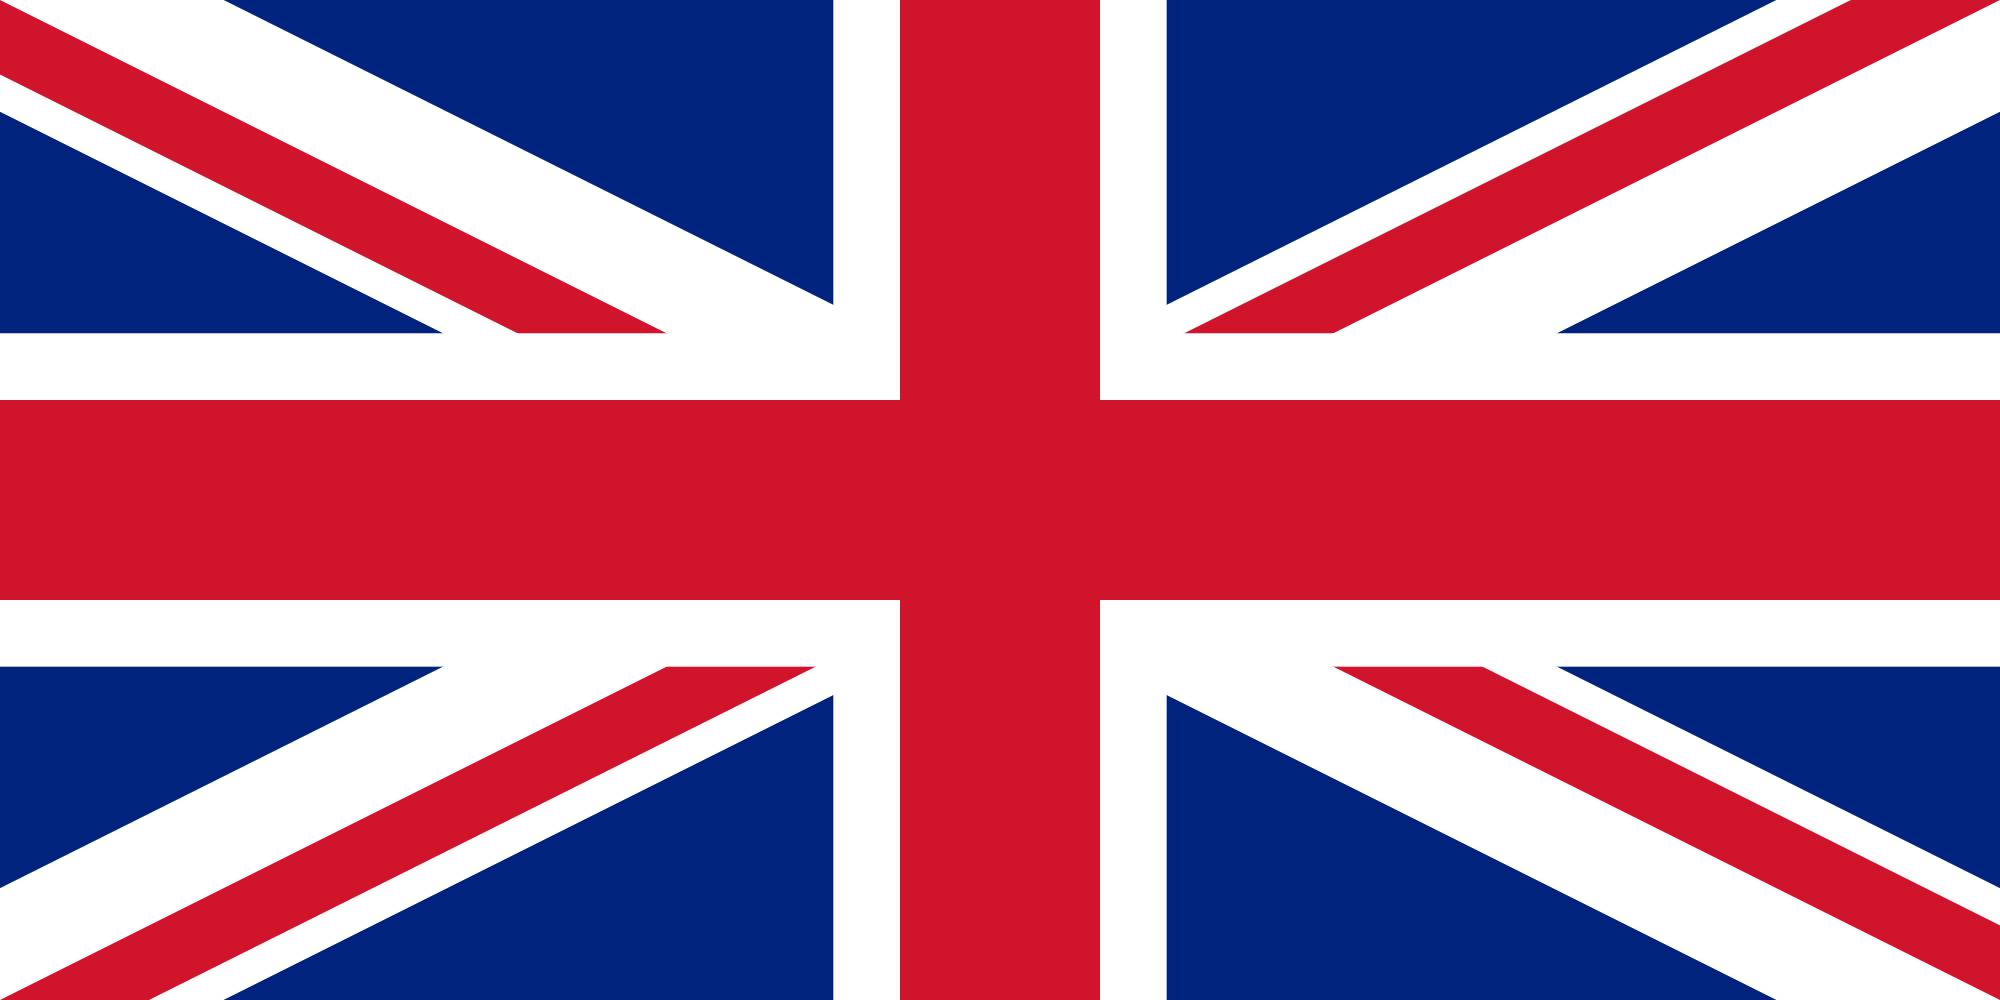 Regno Unito Gran Bretagna Inghilterra Bandiera Union Jack